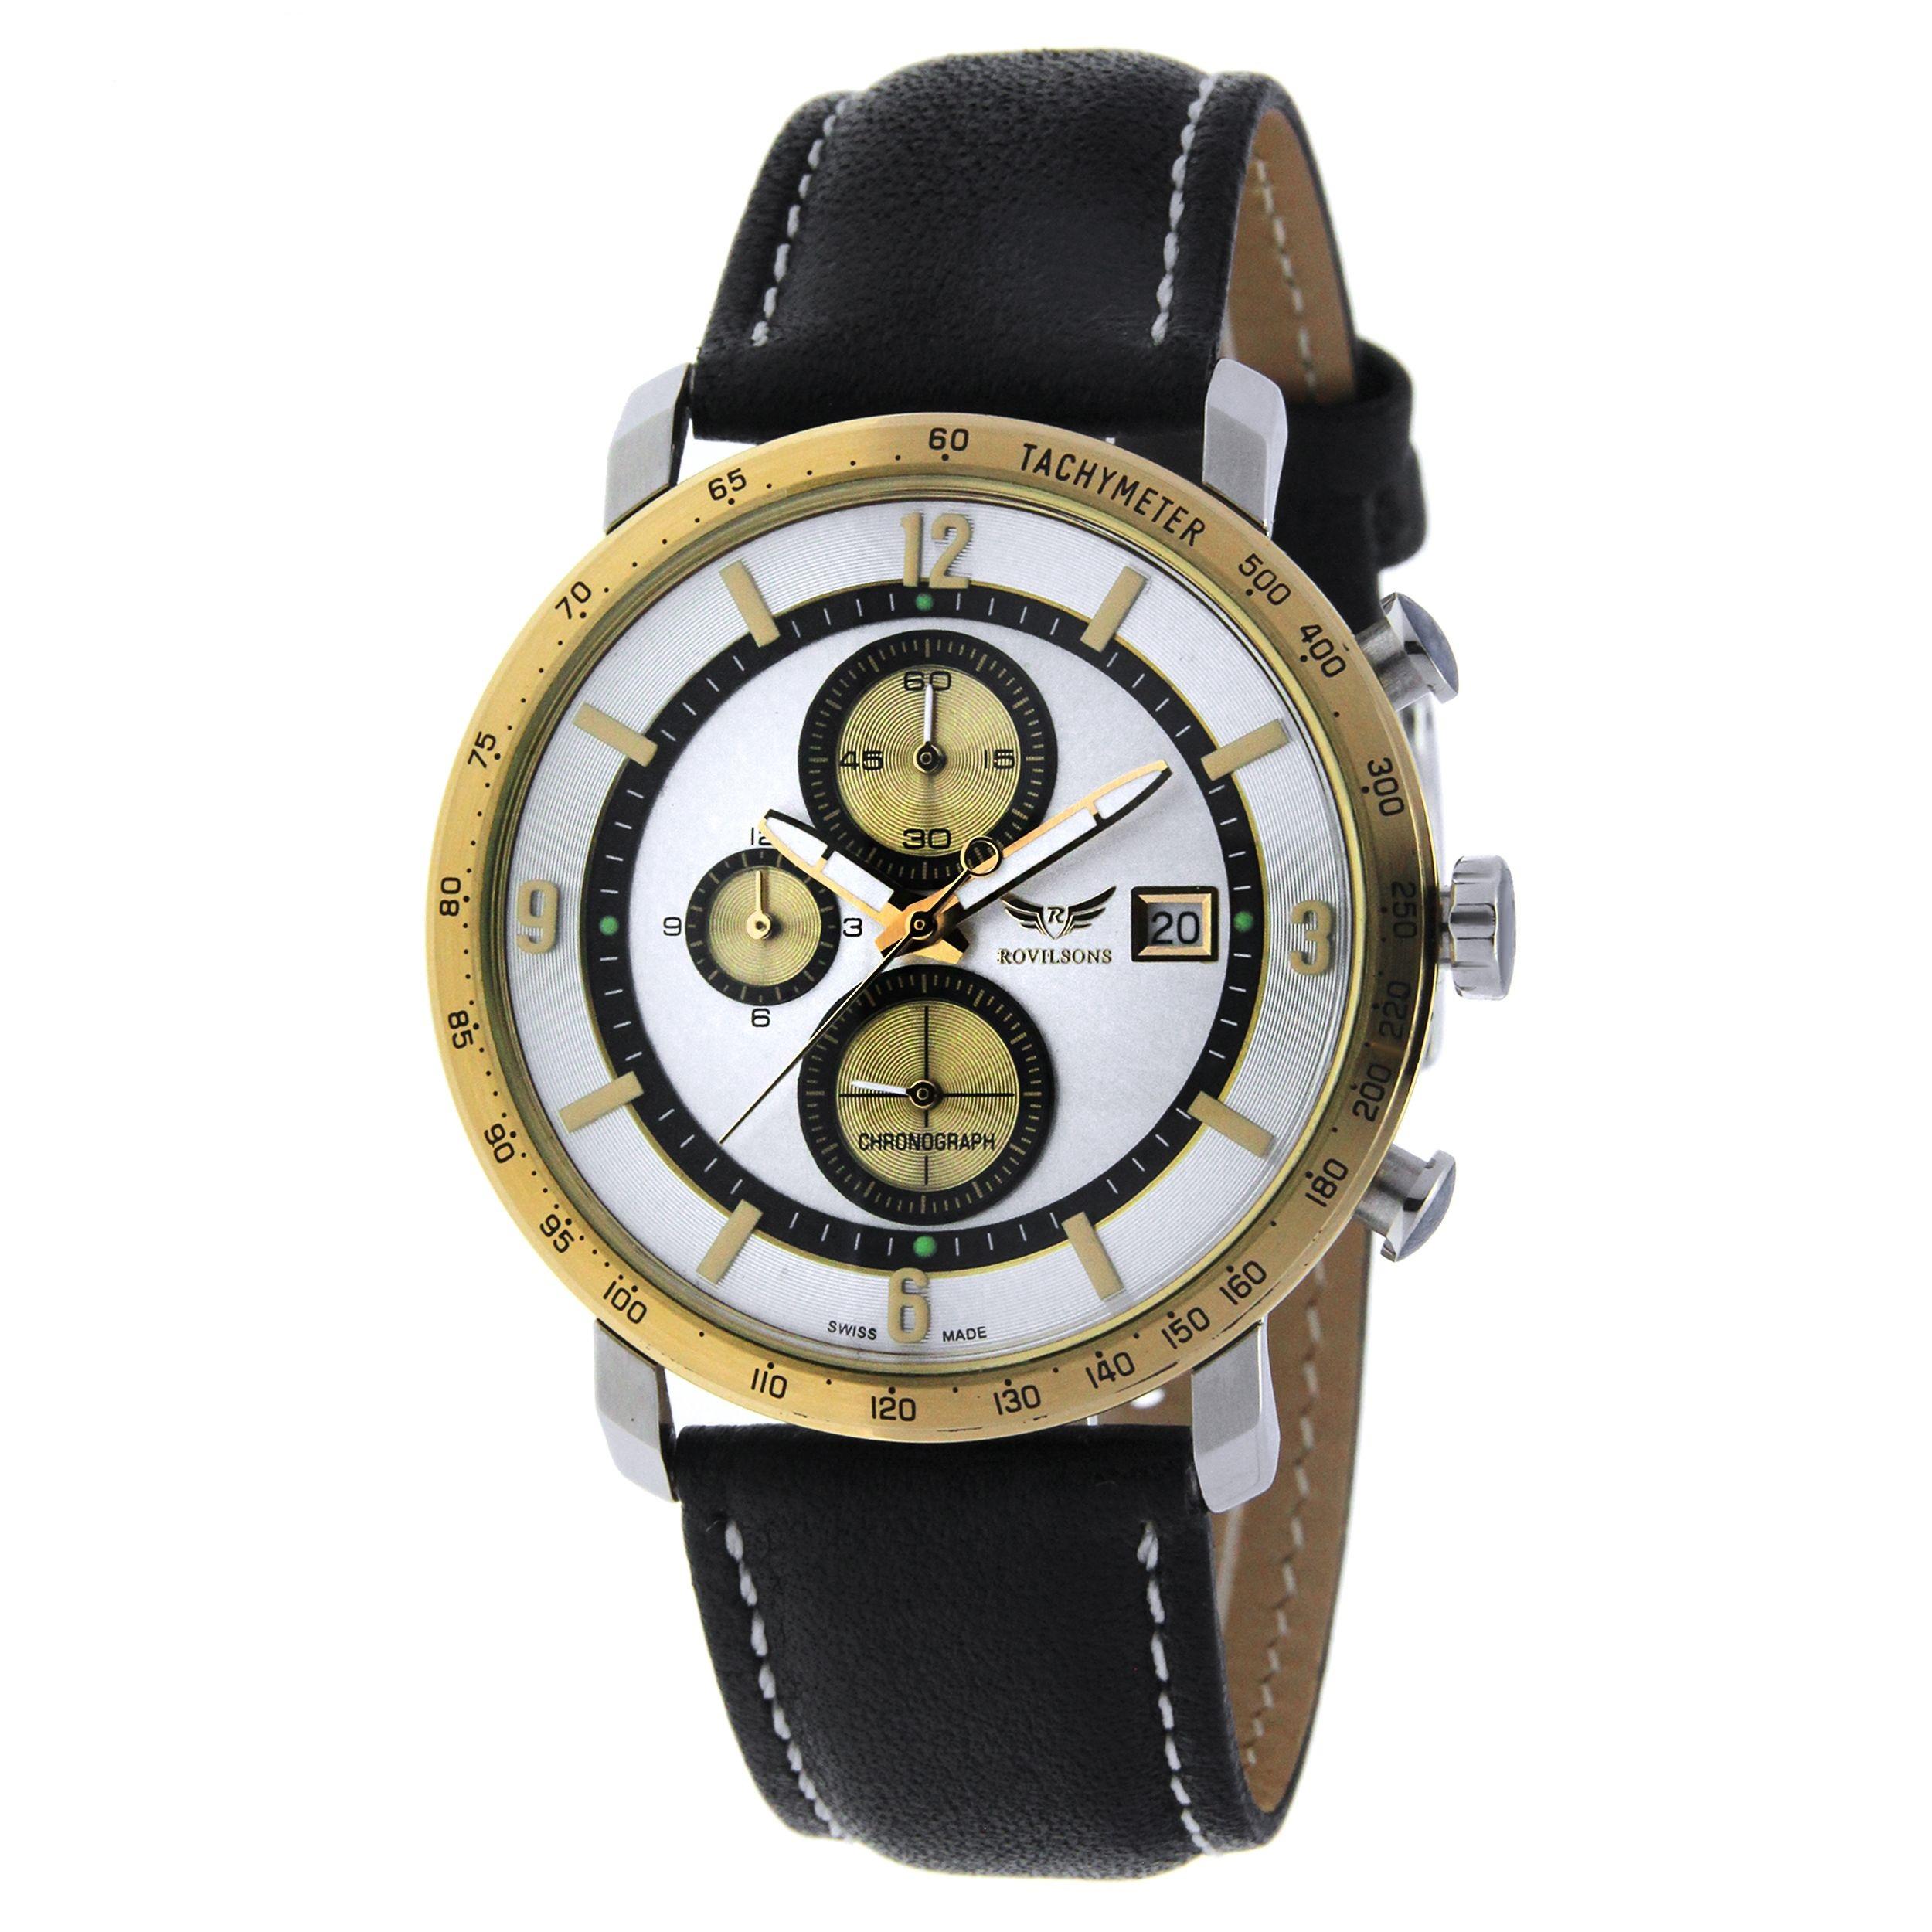 ساعت مچی عقربه ای مردانه راویلسون مدل RW-1062G-2 7